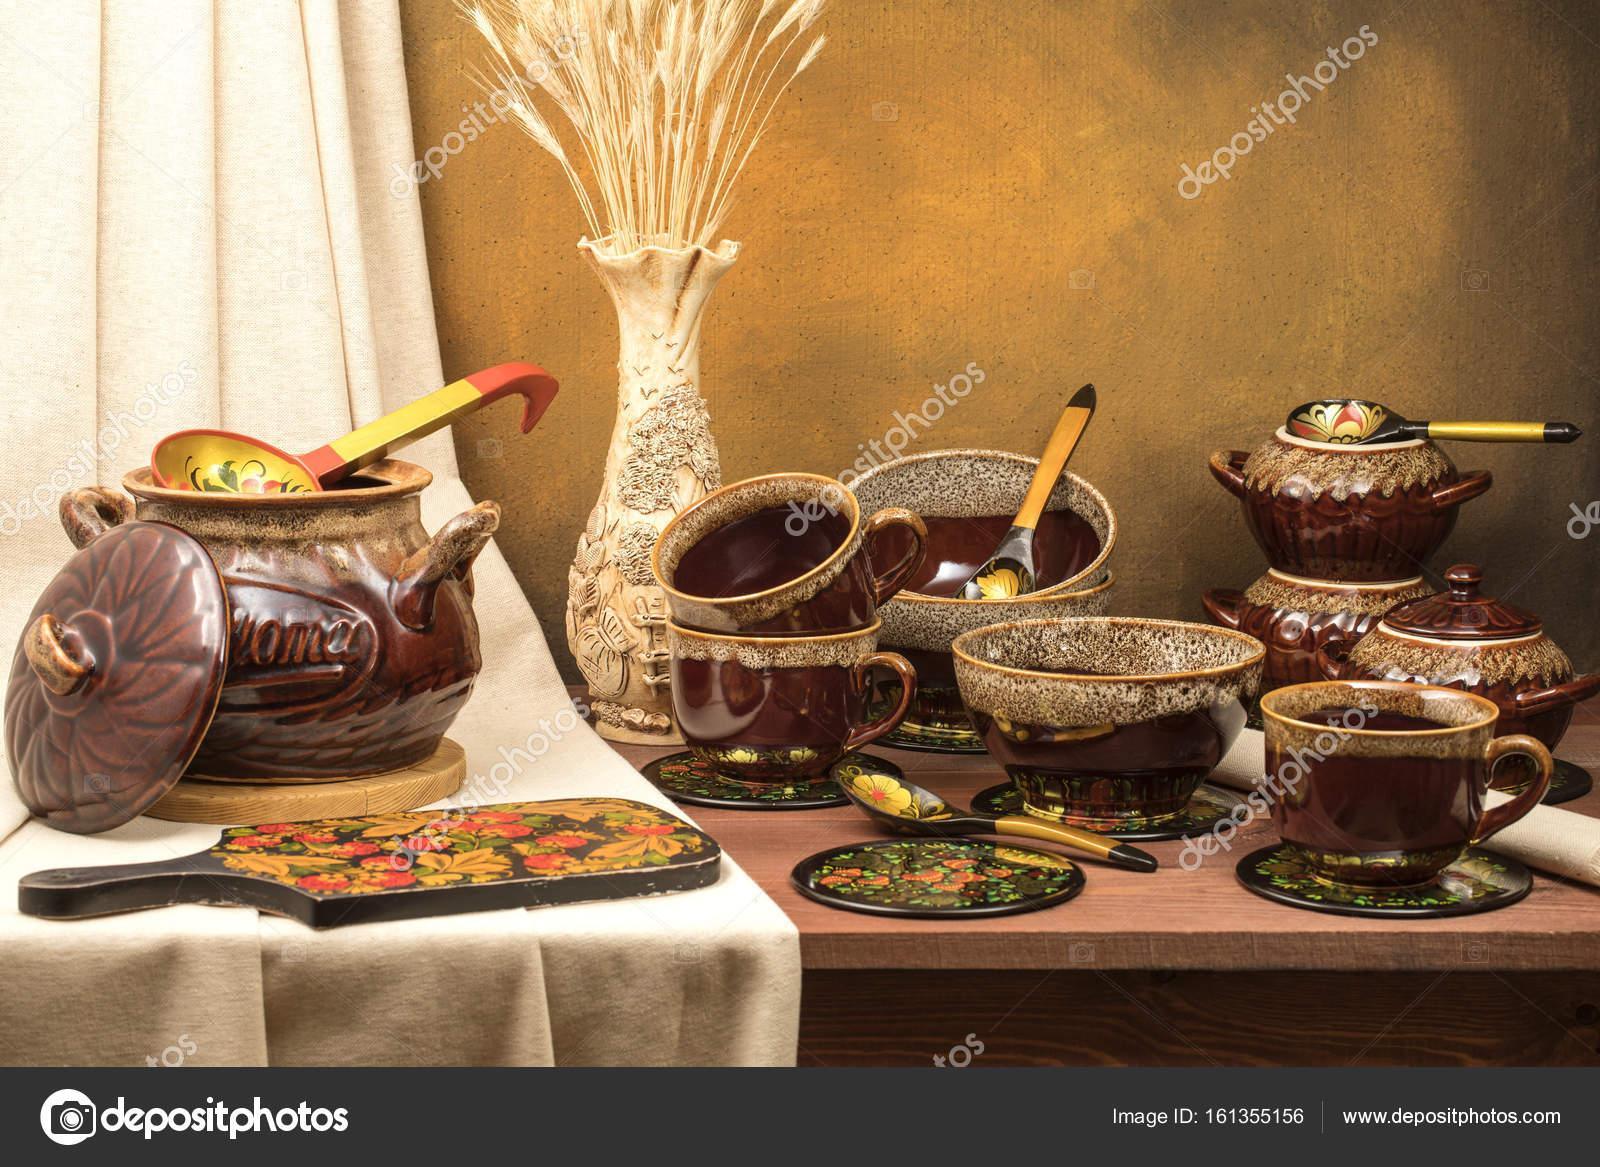 Panela De Barro Com Copos Canecas E Vaso Com Orelhas Stock Photo C Vladimir196157 161355156